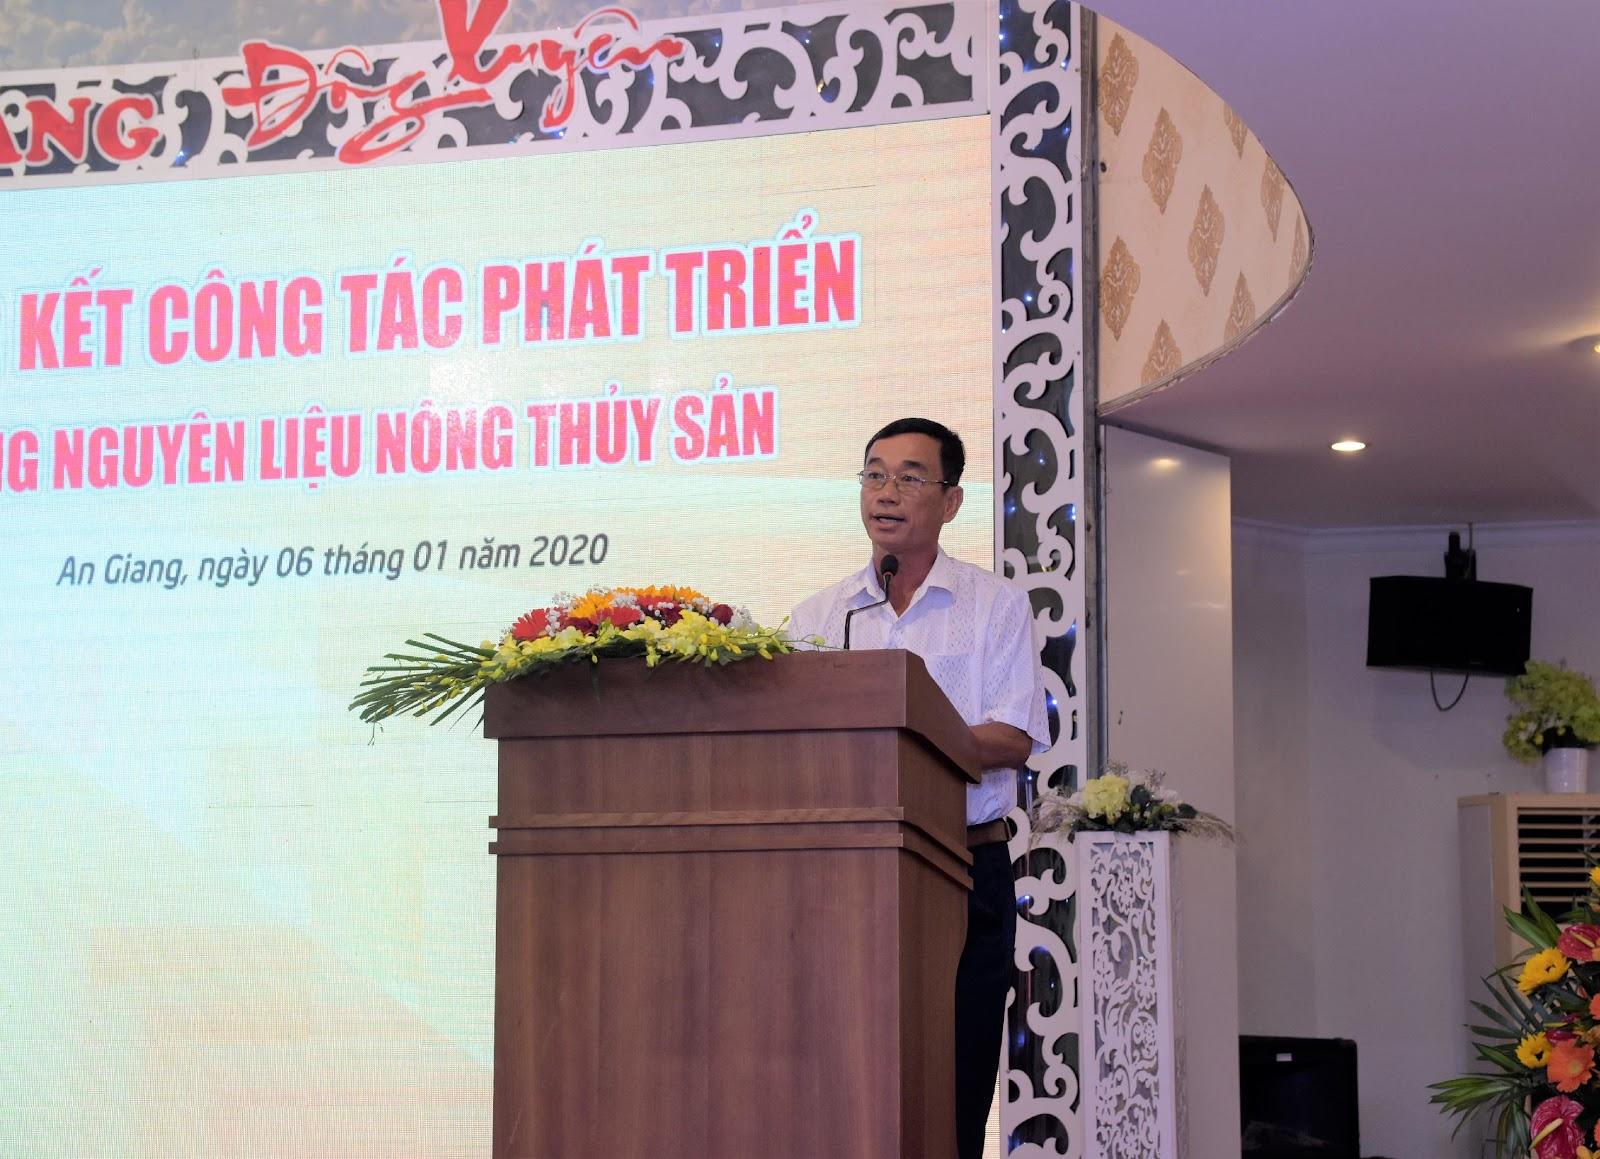 1. Ông Khưu Đức Hùng - Hộ nuôi cá ở Long Xuyên, Dù giá cá tra xuống thấp nhưng các hộ dân tham gia mô hình nuôi liên kết với Sao Mai vẫn có lãi ổn định